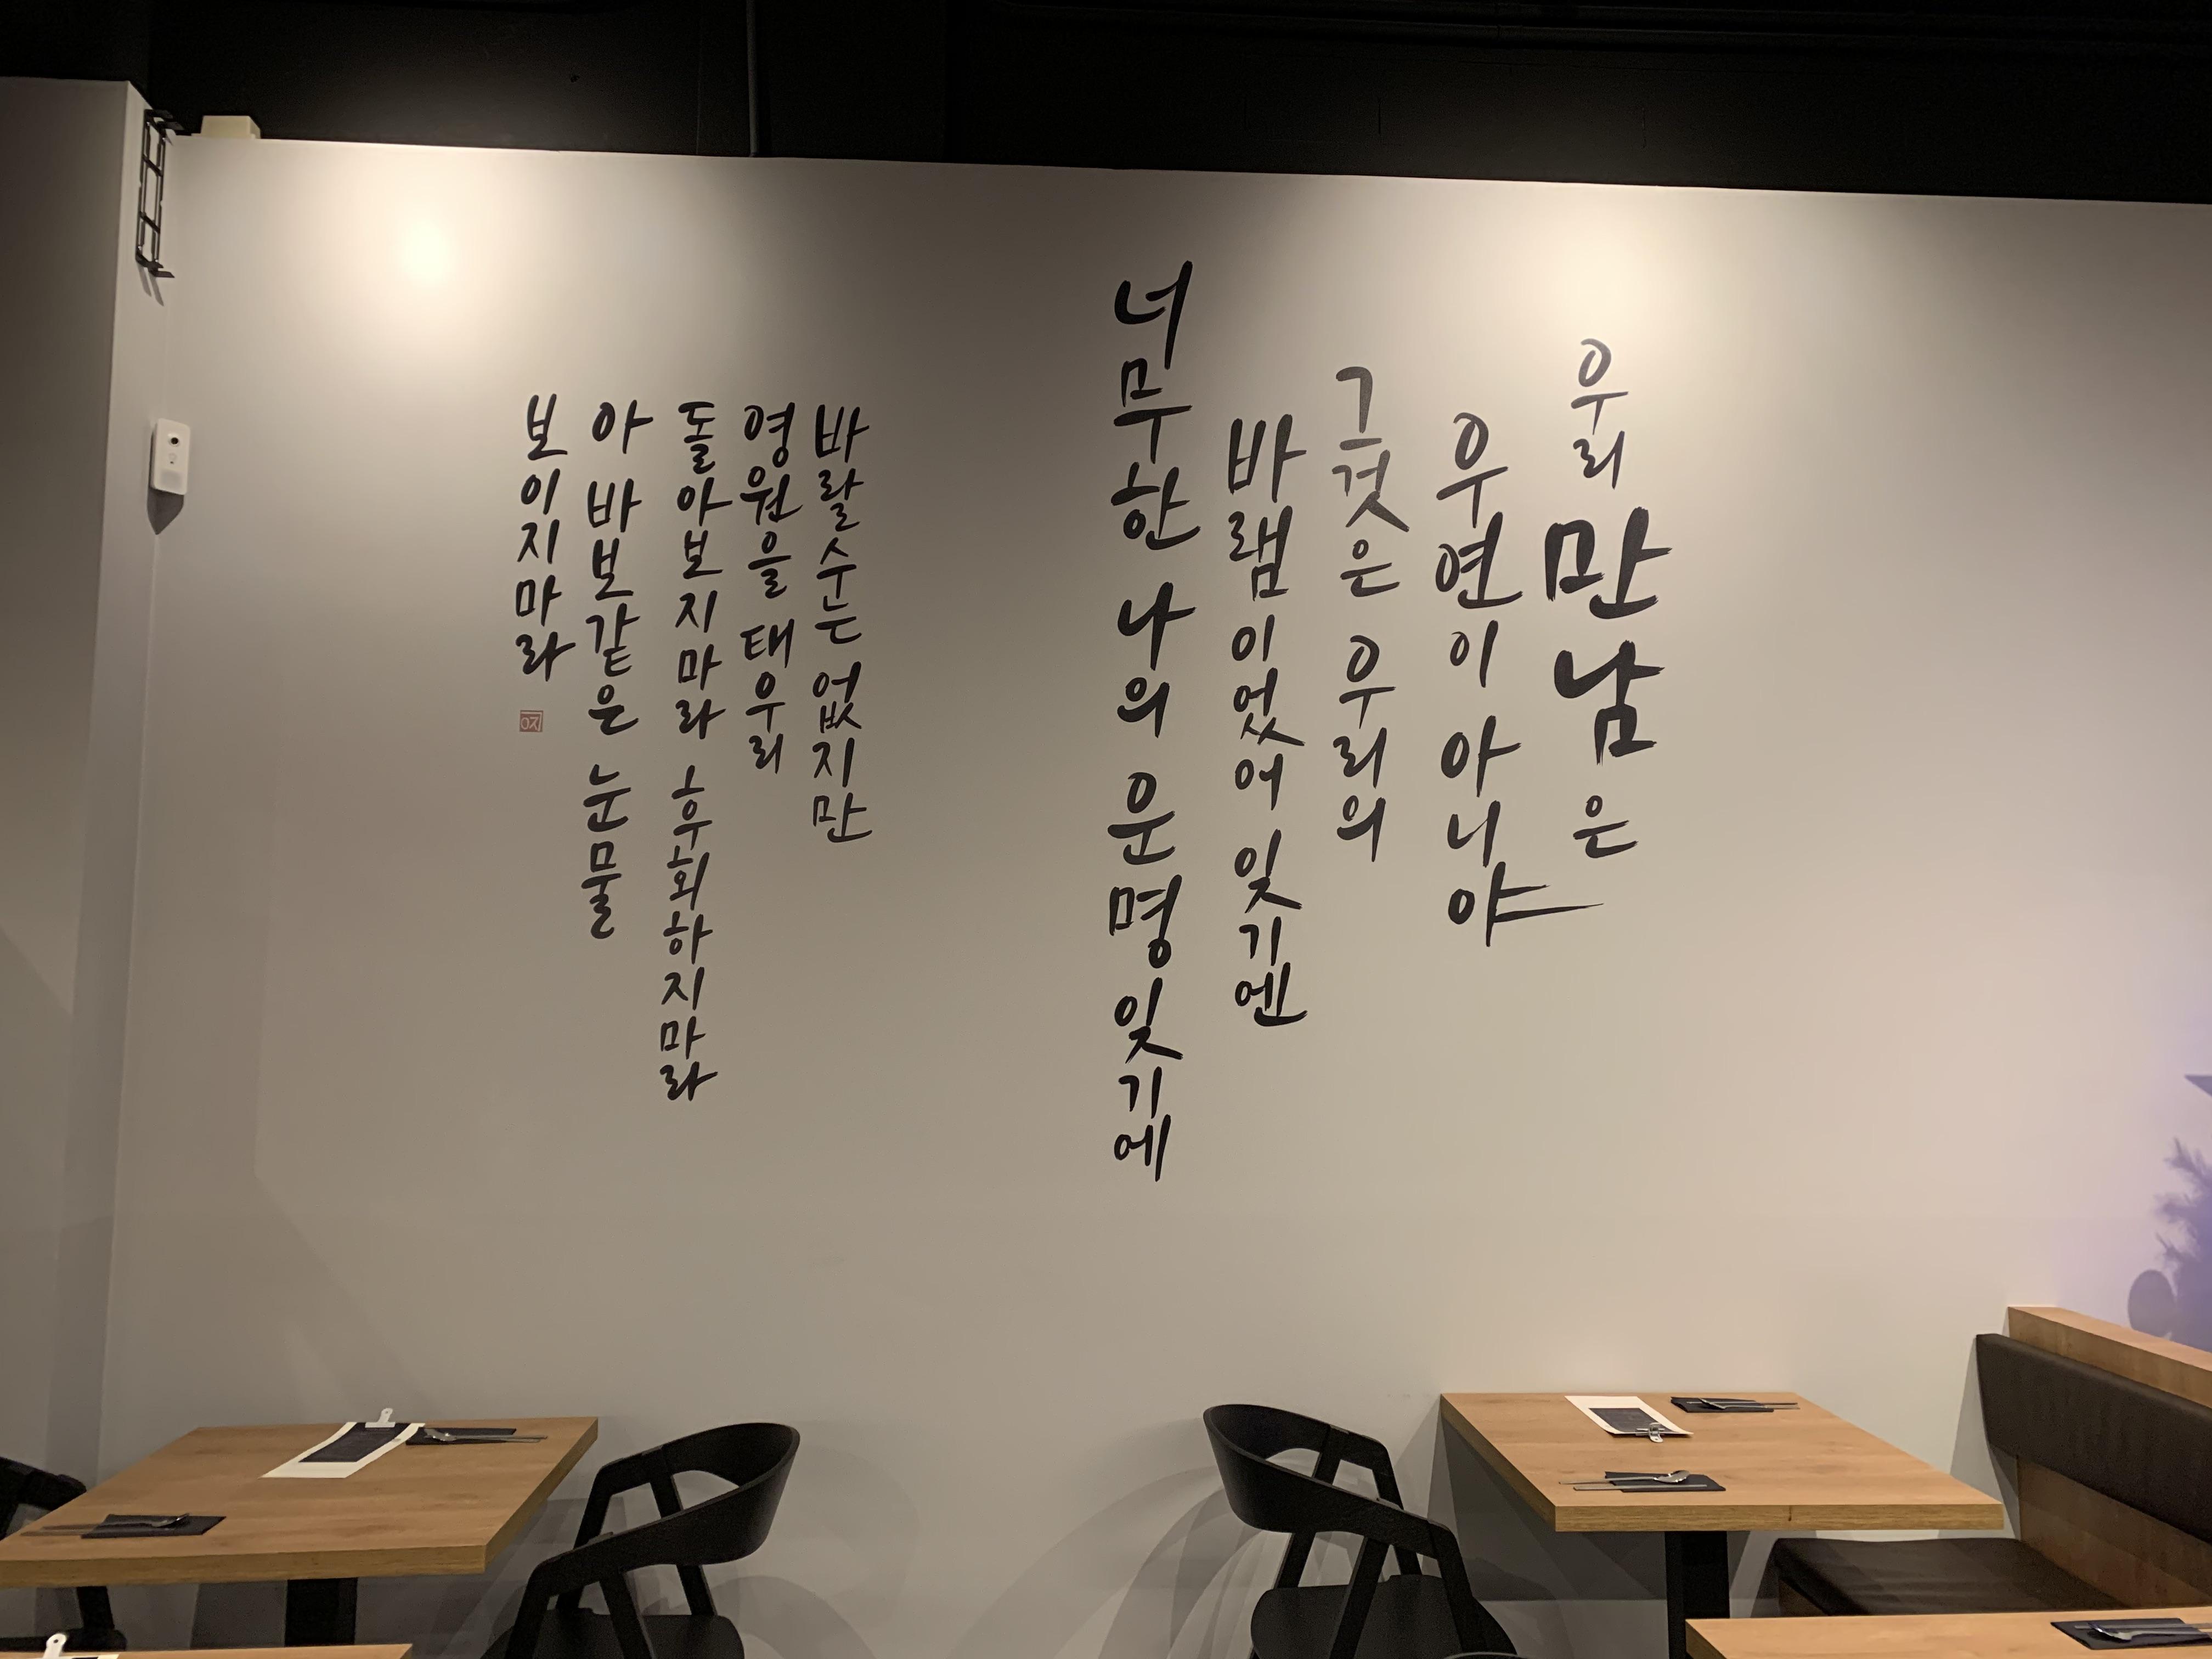 韩国餐厅.jpg